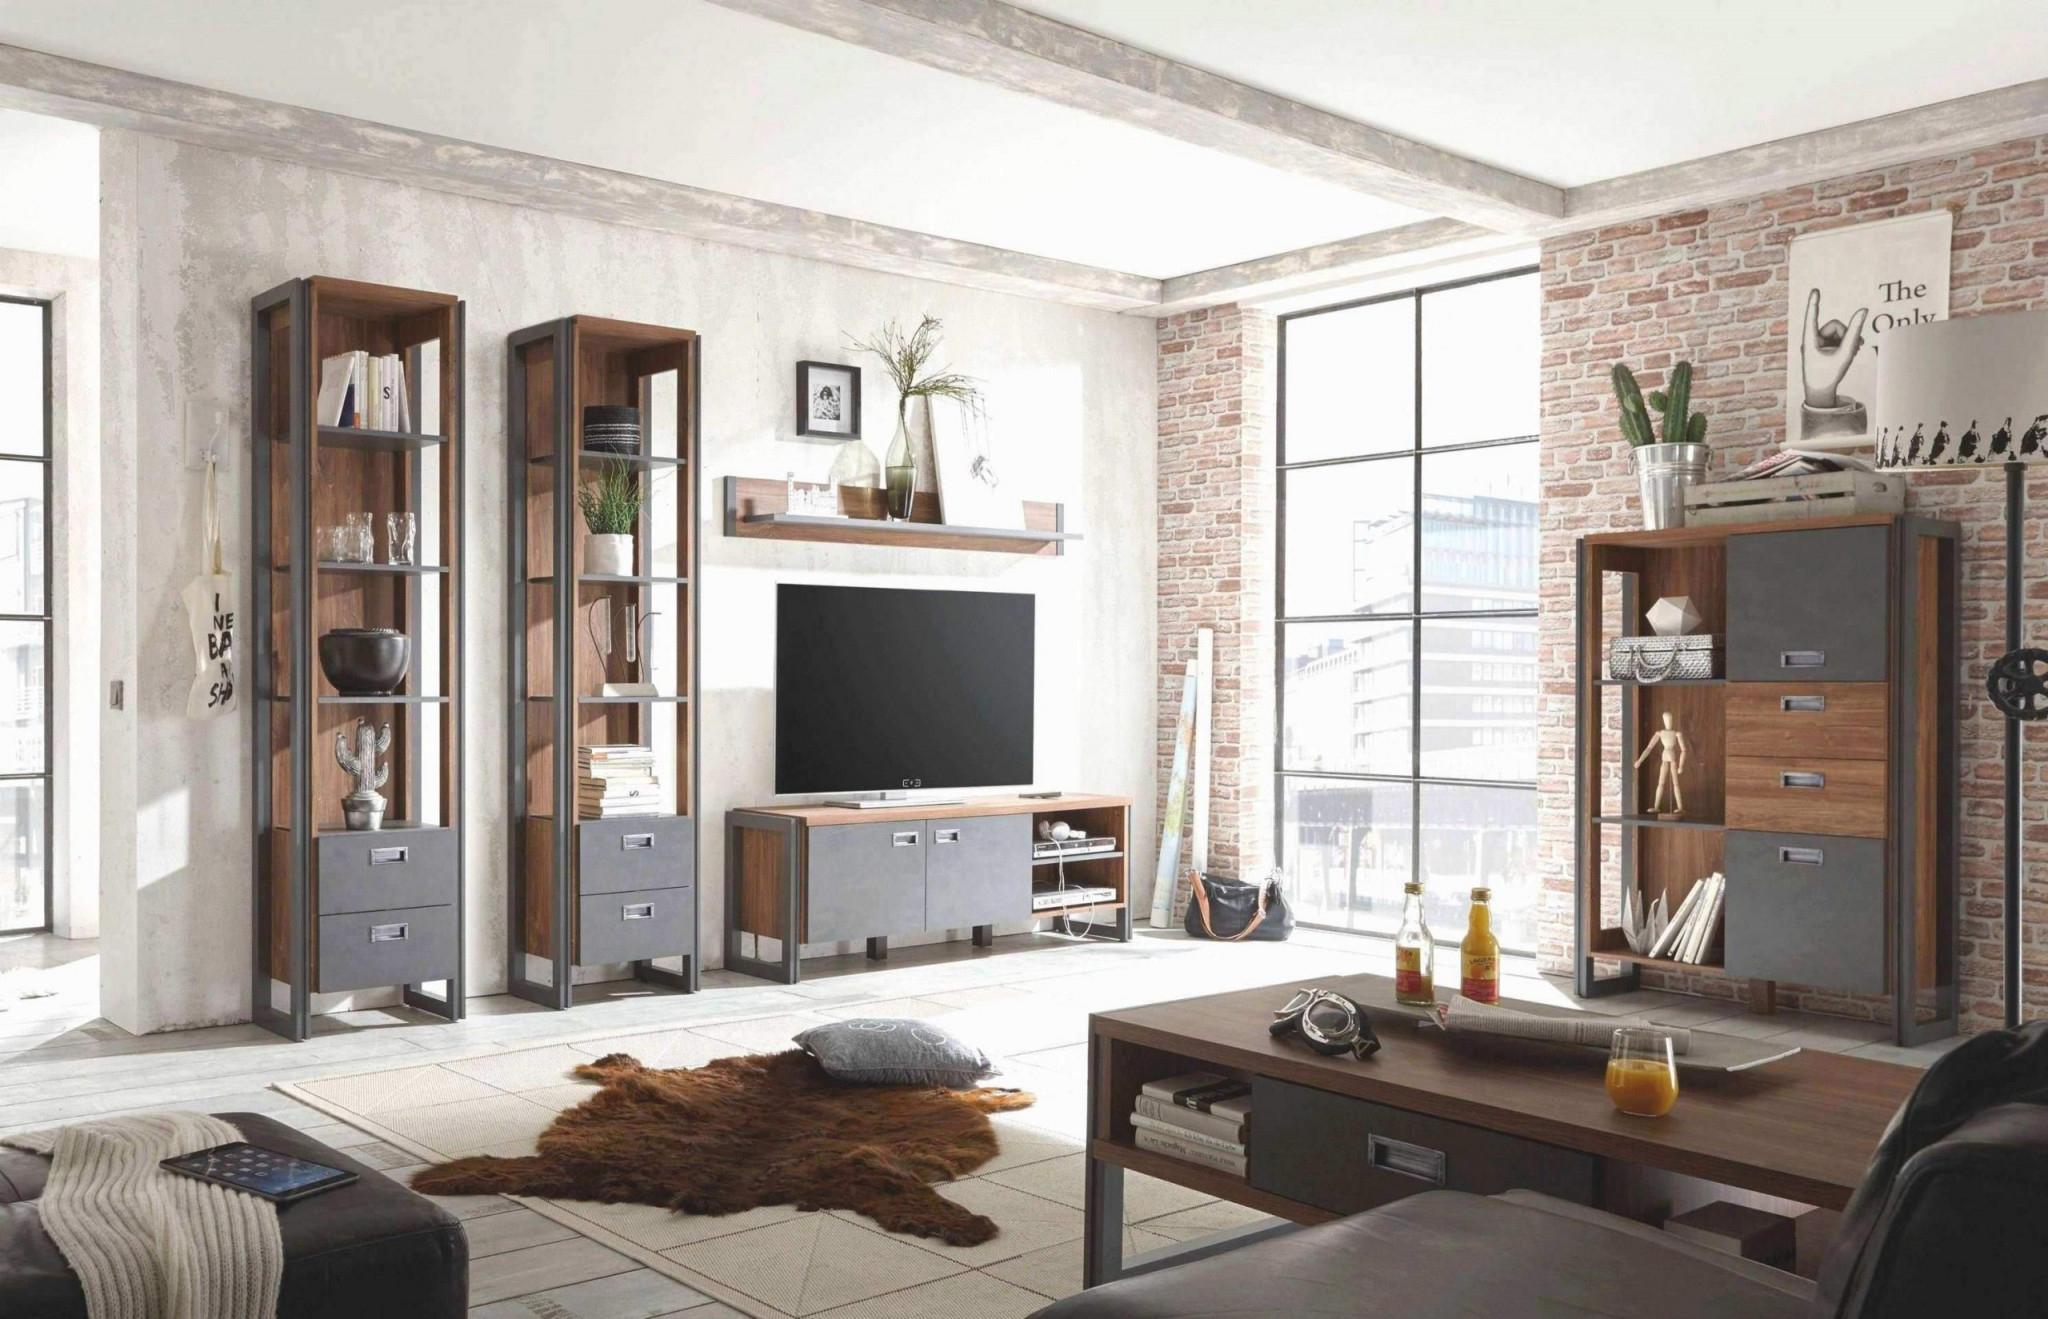 33 Reizend 16 Qm Wohnzimmer Einrichten Genial  Wohnzimmer von Wohnzimmer Ideen Einrichtung Photo